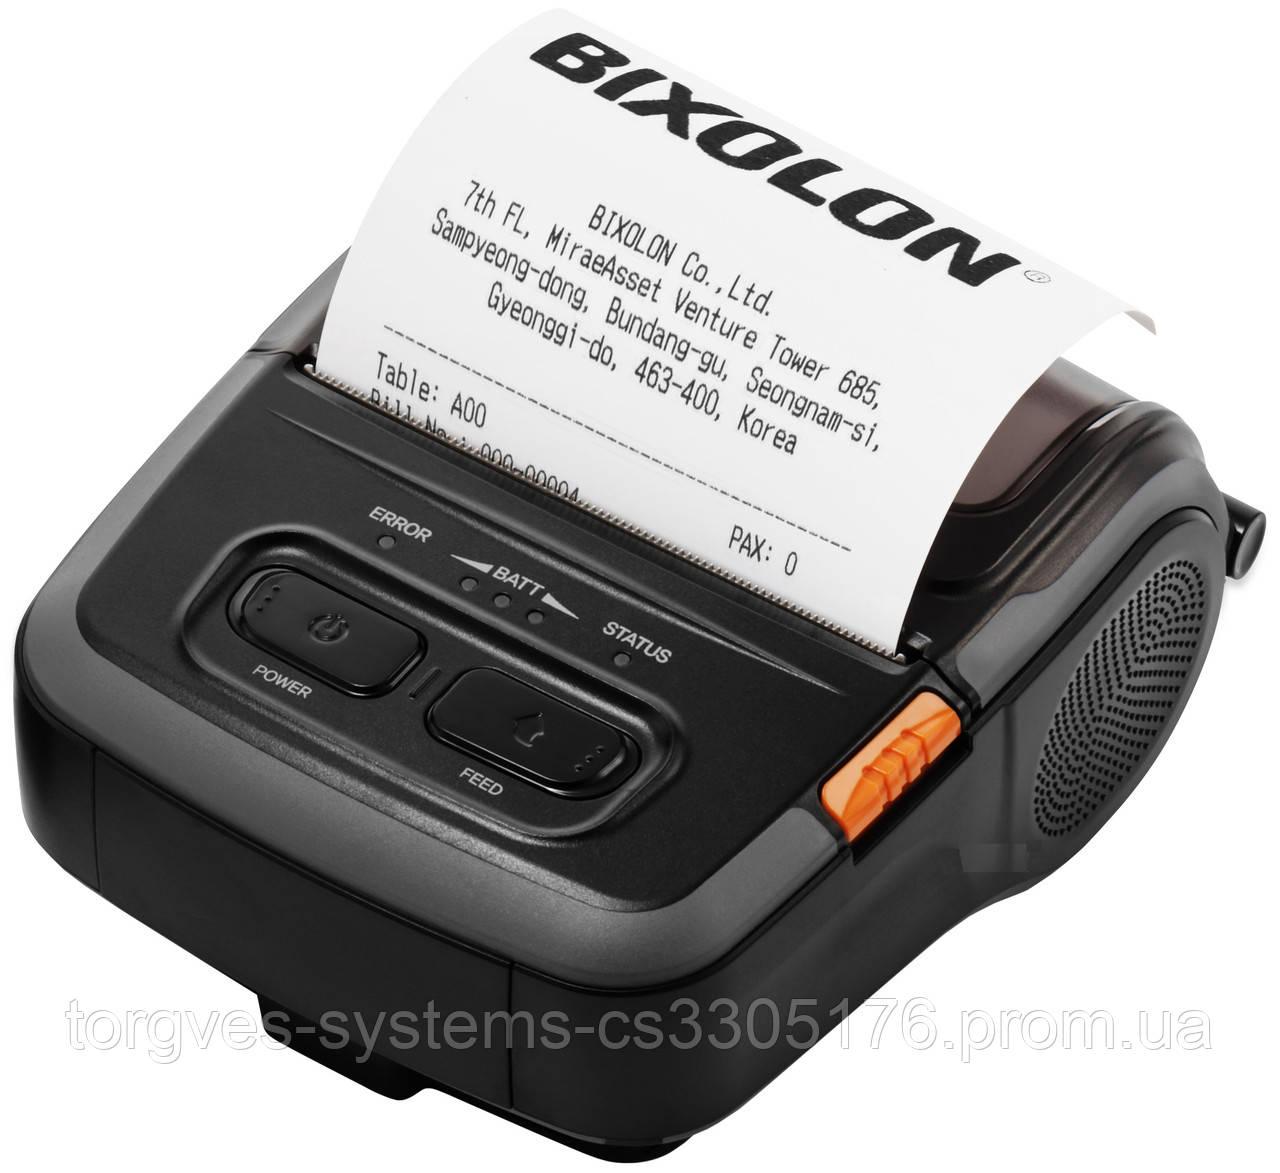 Мобильный принтер чеков-этикеток Bixolon SPP-R310BK (Bluetooth+USB)